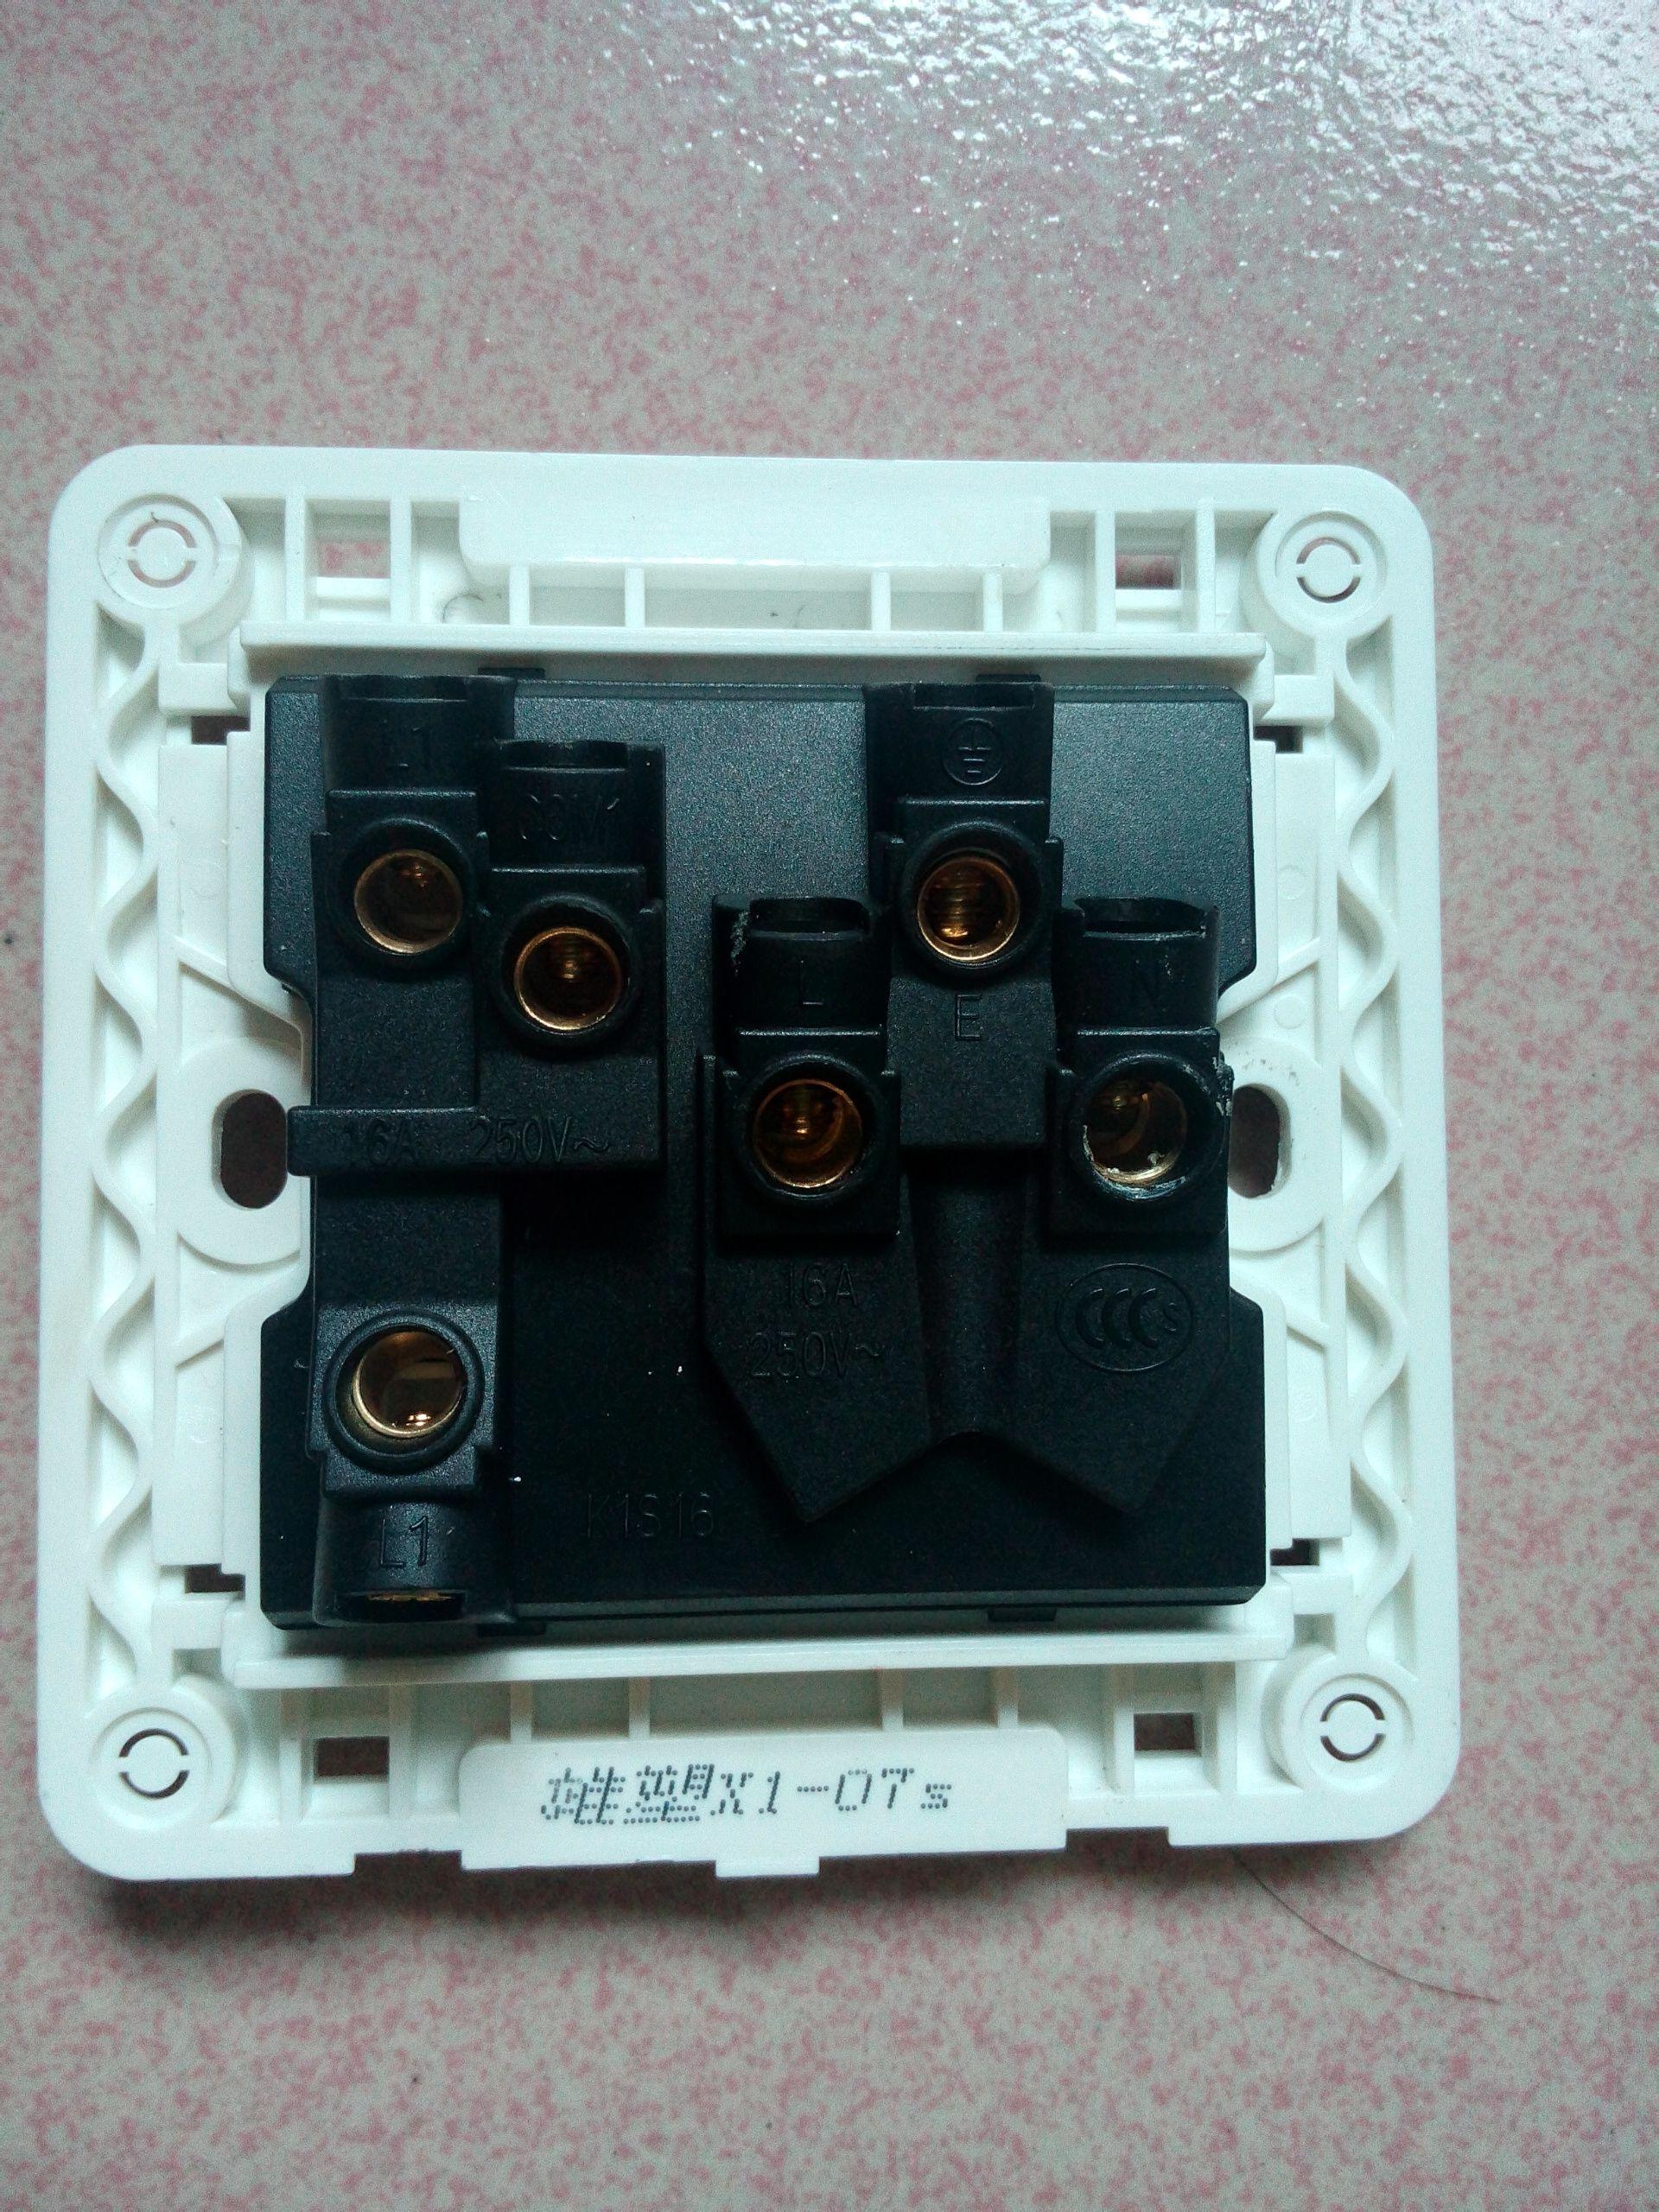 一开3孔插座面板,开关如何控制插座? 开关上有L,L1,L2!插座上有L,N,地!就接线图!(图3)  一开3孔插座面板,开关如何控制插座? 开关上有L,L1,L2!插座上有L,N,地!就接线图!(图6)  一开3孔插座面板,开关如何控制插座? 开关上有L,L1,L2!插座上有L,N,地!就接线图!(图8)  一开3孔插座面板,开关如何控制插座?